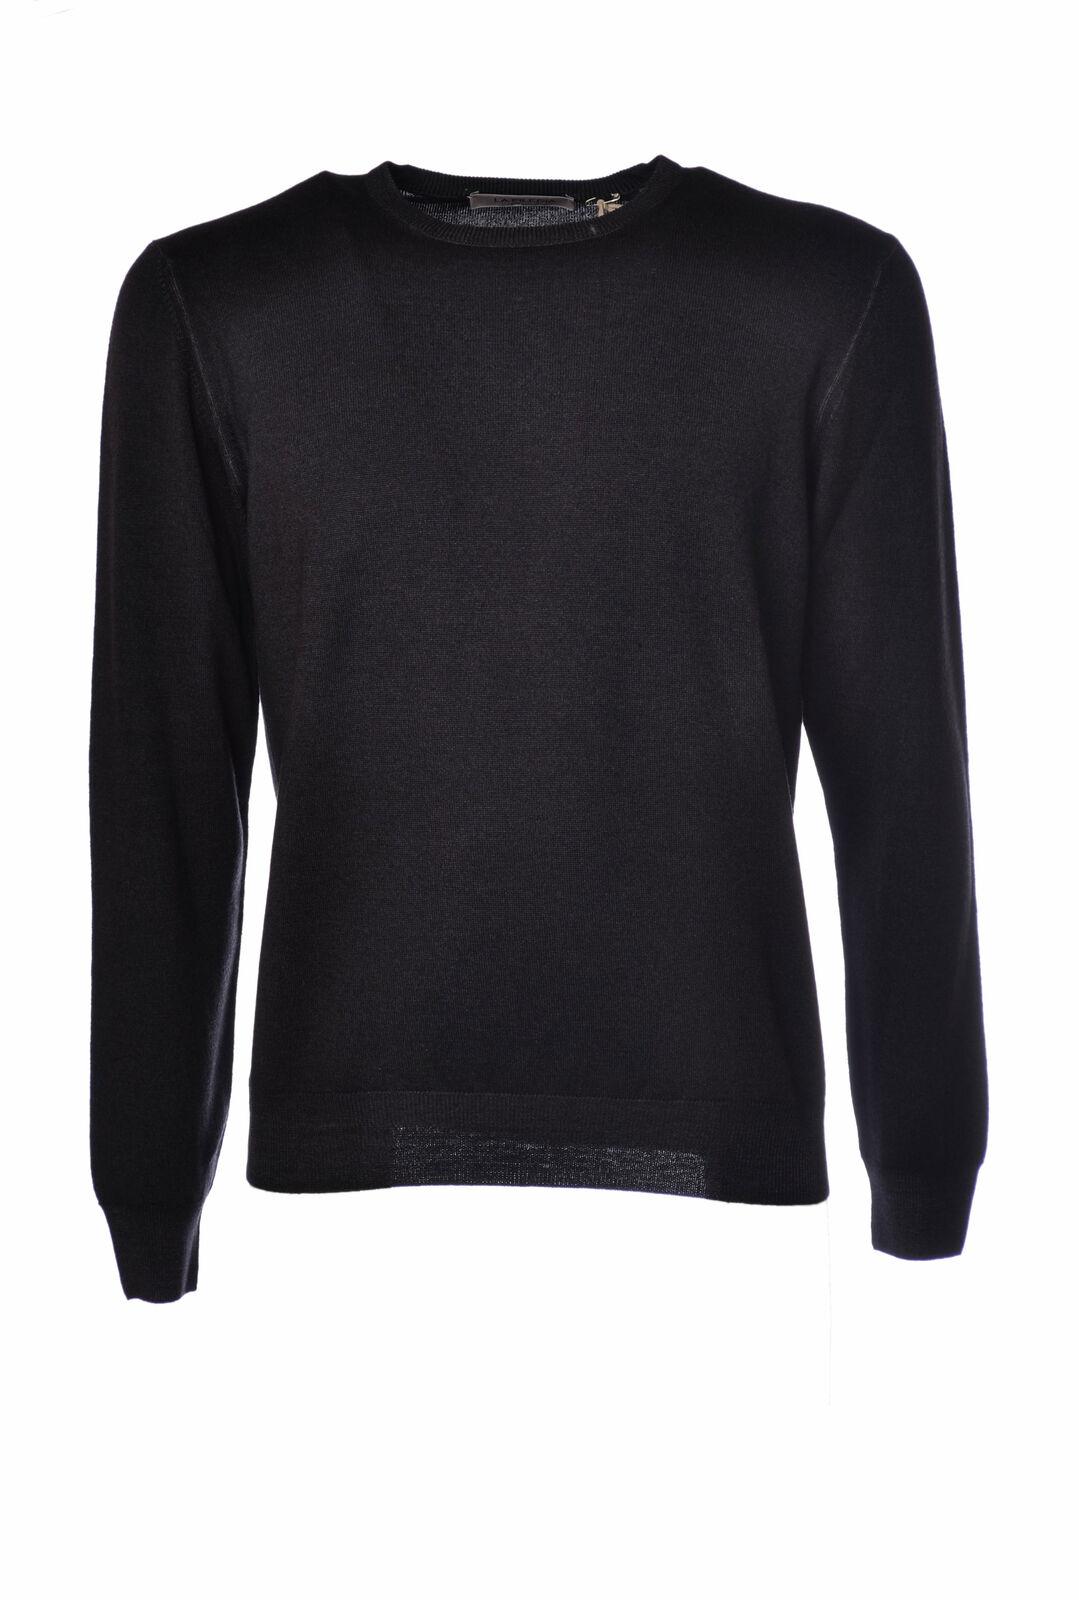 LA FILERIA  -  Sweaters - Male - Grau - 2615428N174118